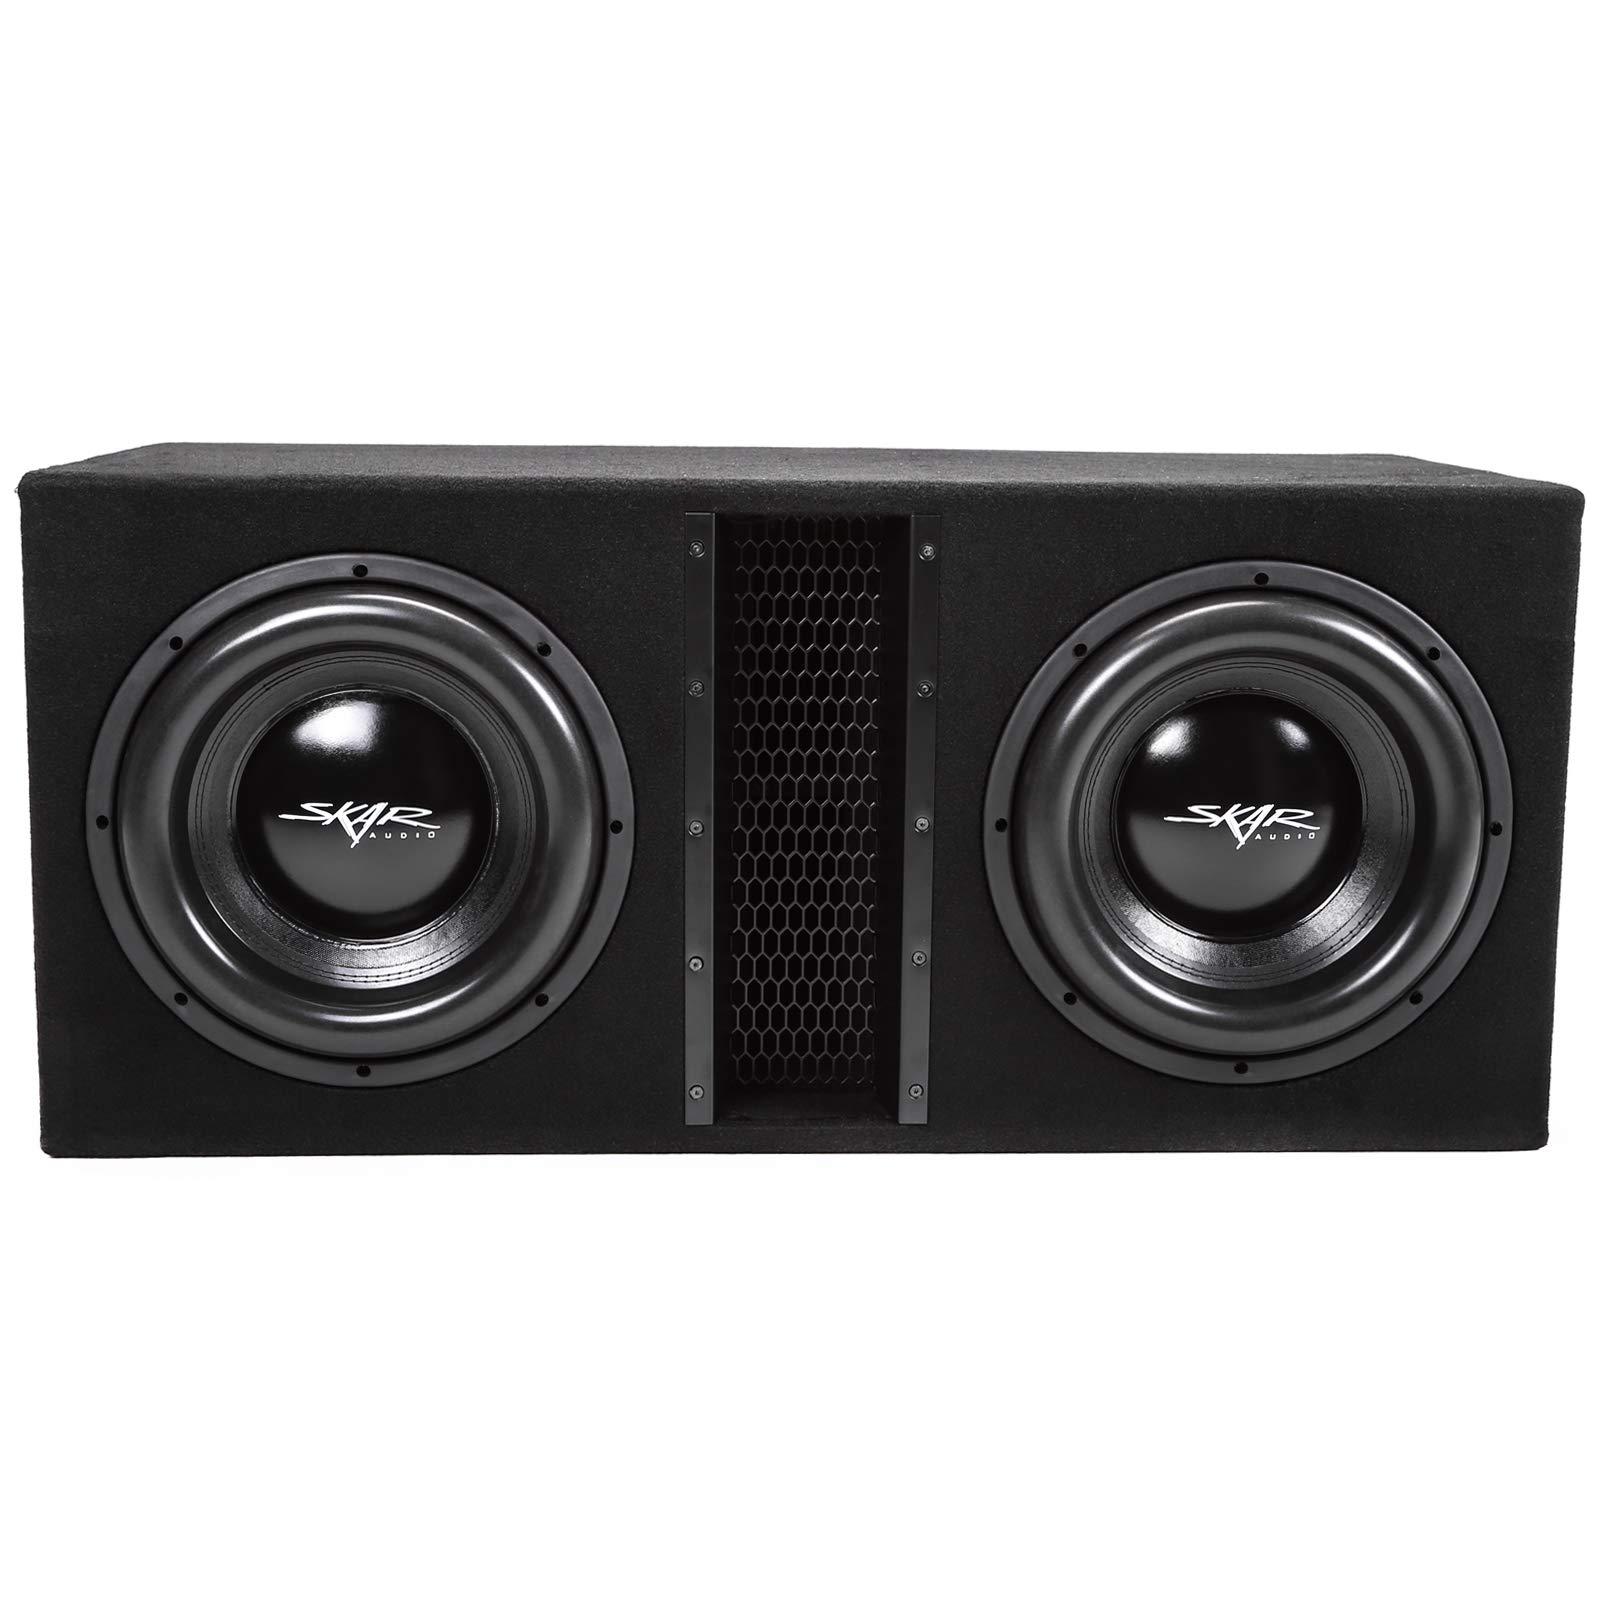 Skar Audio Dual 12'' 5000W Loaded EVL Series Vented Subwoofer Enclosure | EVL-2X12D4 by Skar Audio (Image #2)